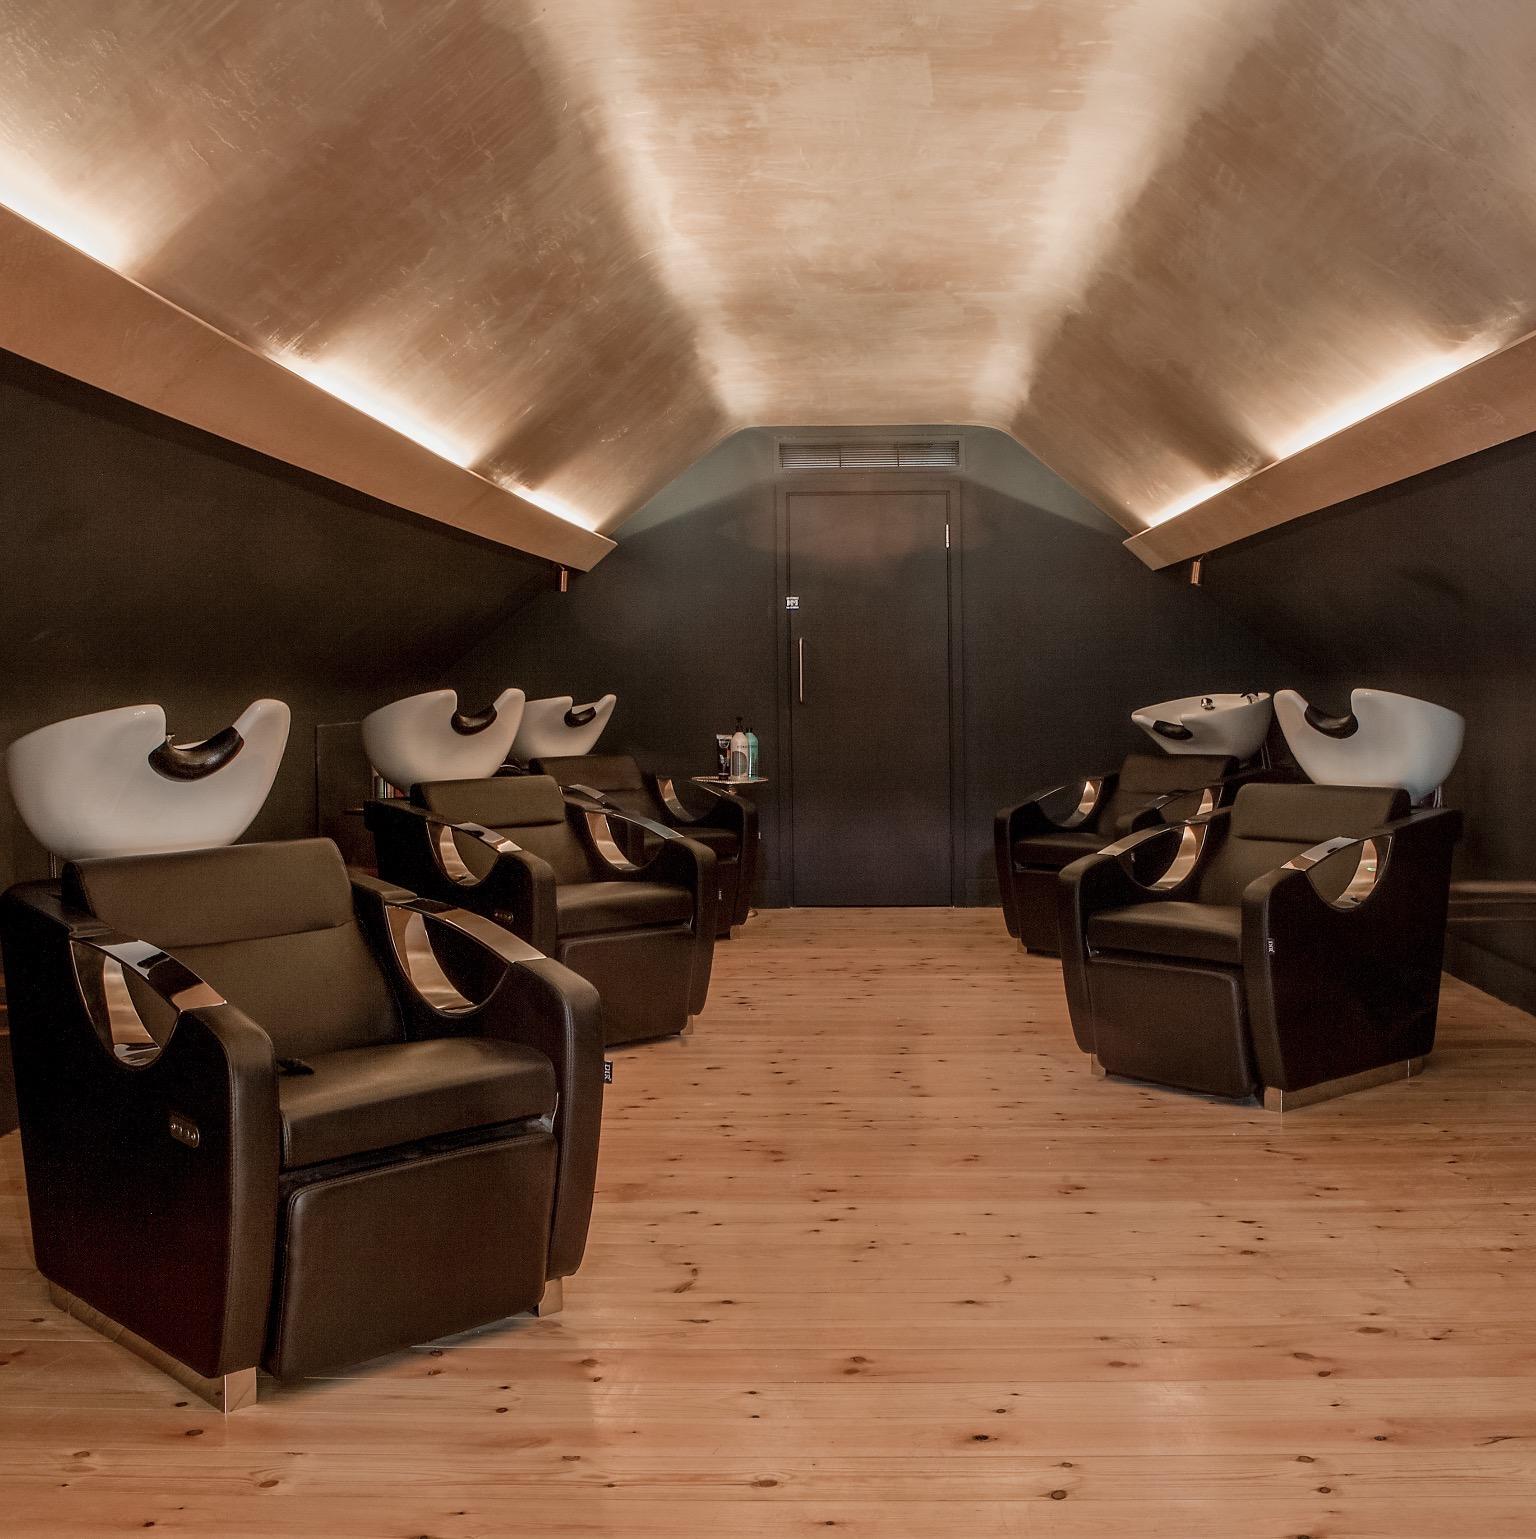 salon wash basins in a dark tranquil area